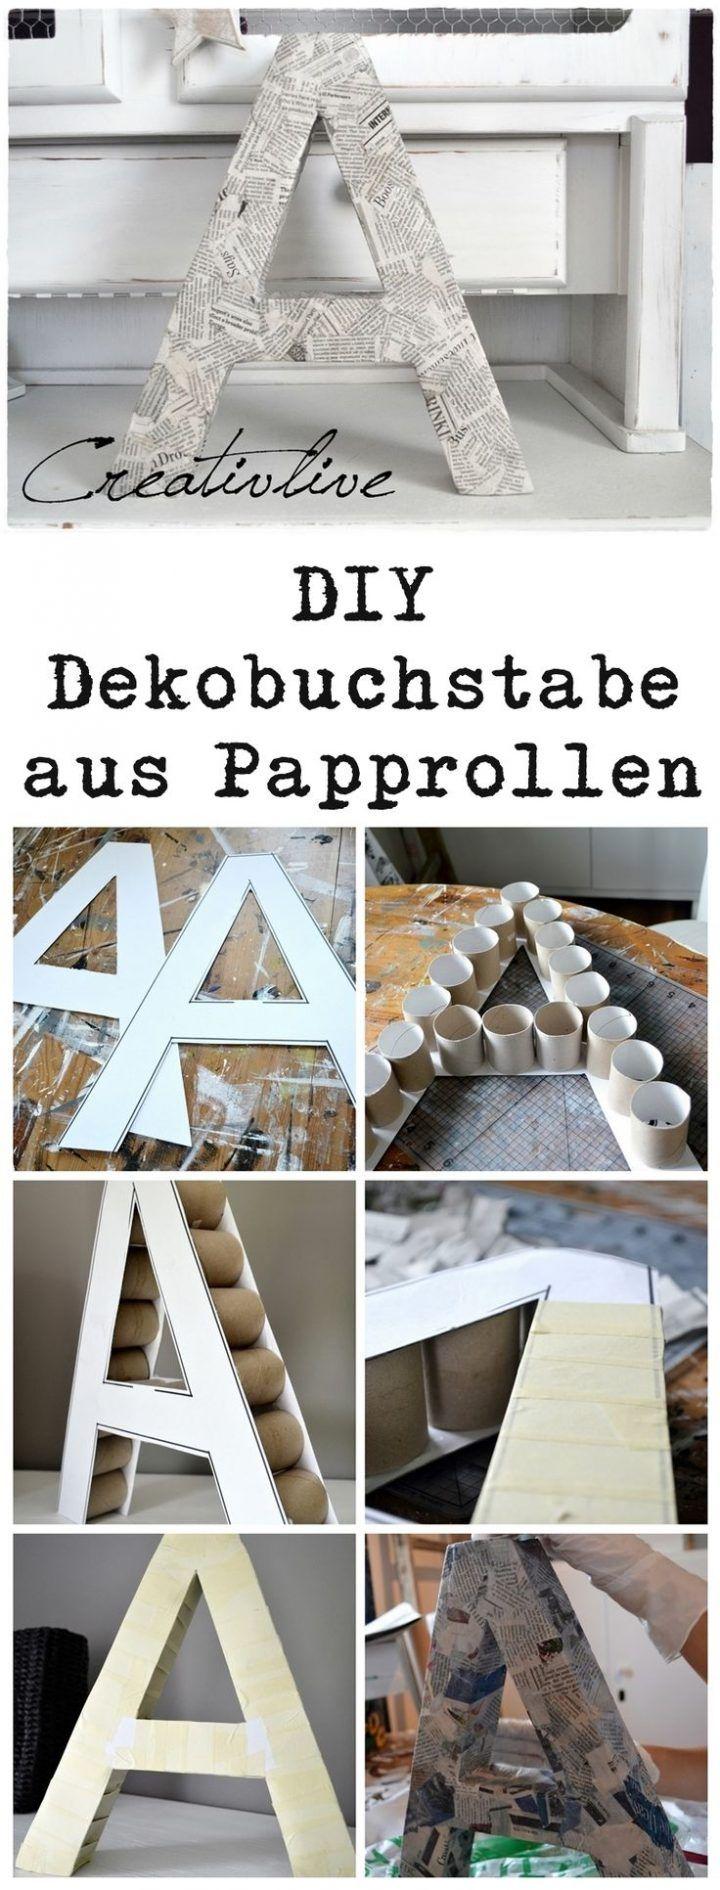 Geschenk diy dekobuchstaben aus papprollen upcyclen for Origami zimmer deko